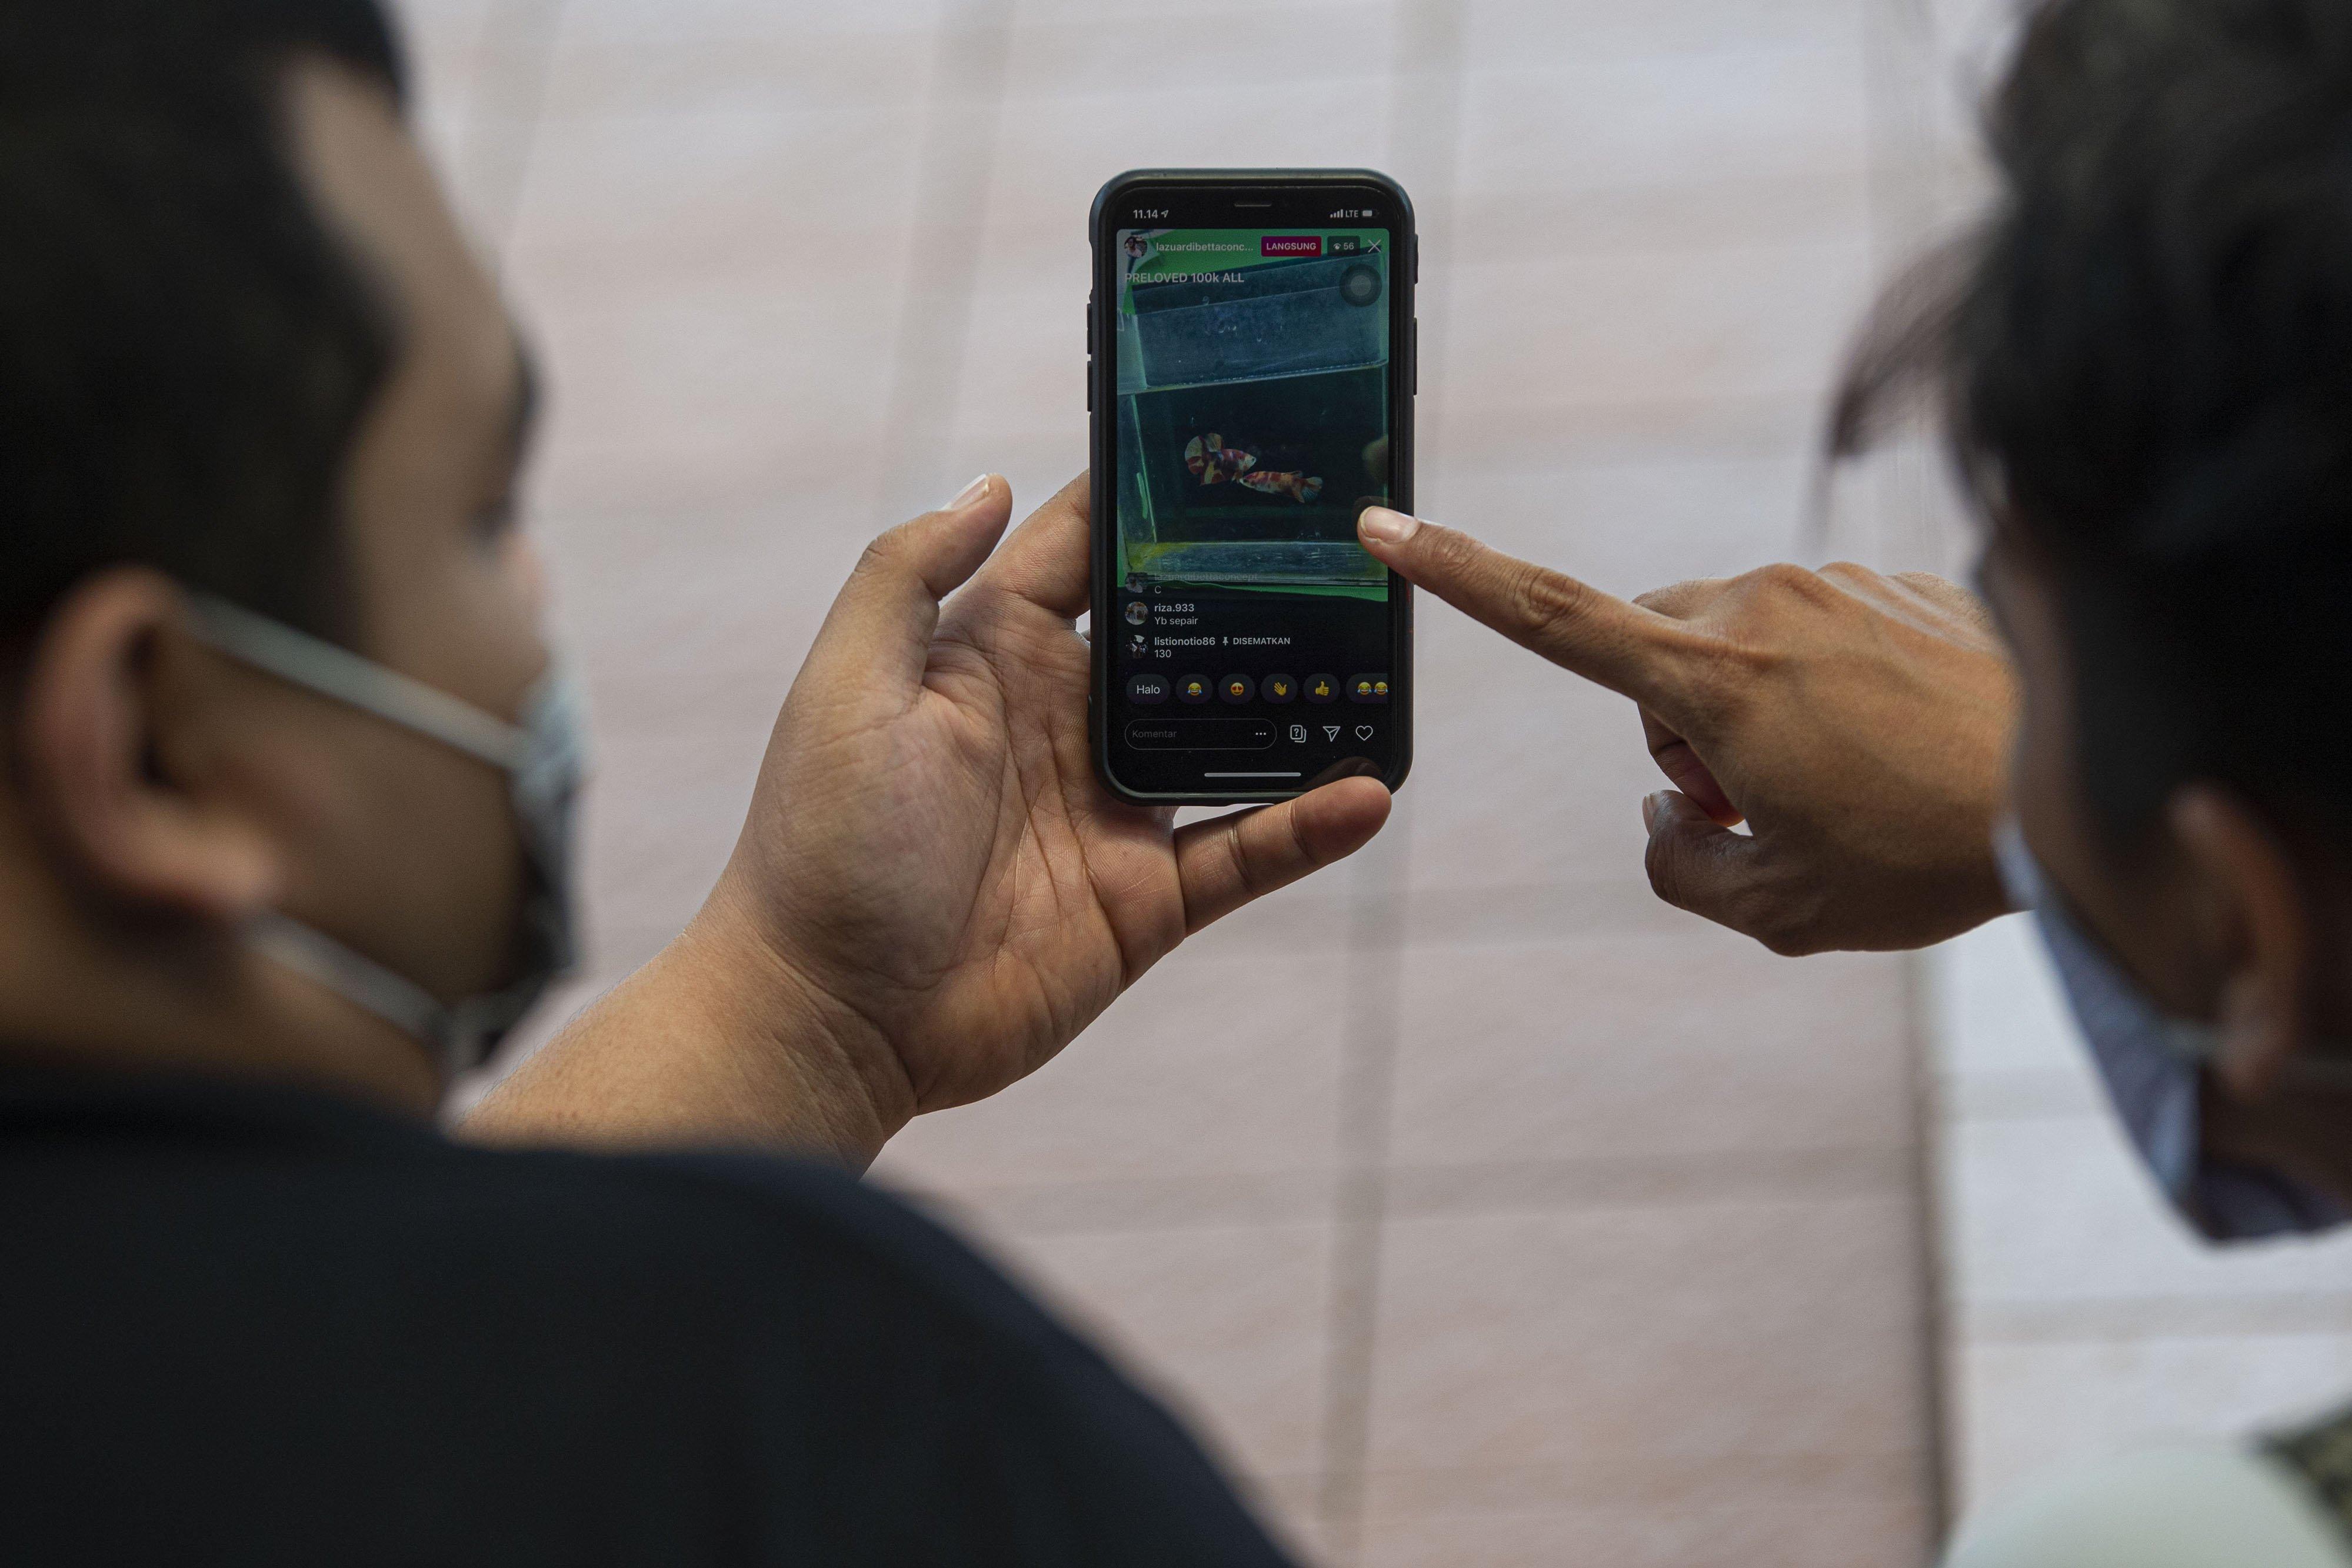 Penggiat bobi memelihara ikan cupang mengikuti lelang virtual melalui media sosial Instagram pada gawai miliknya di Jakarta. \r\n